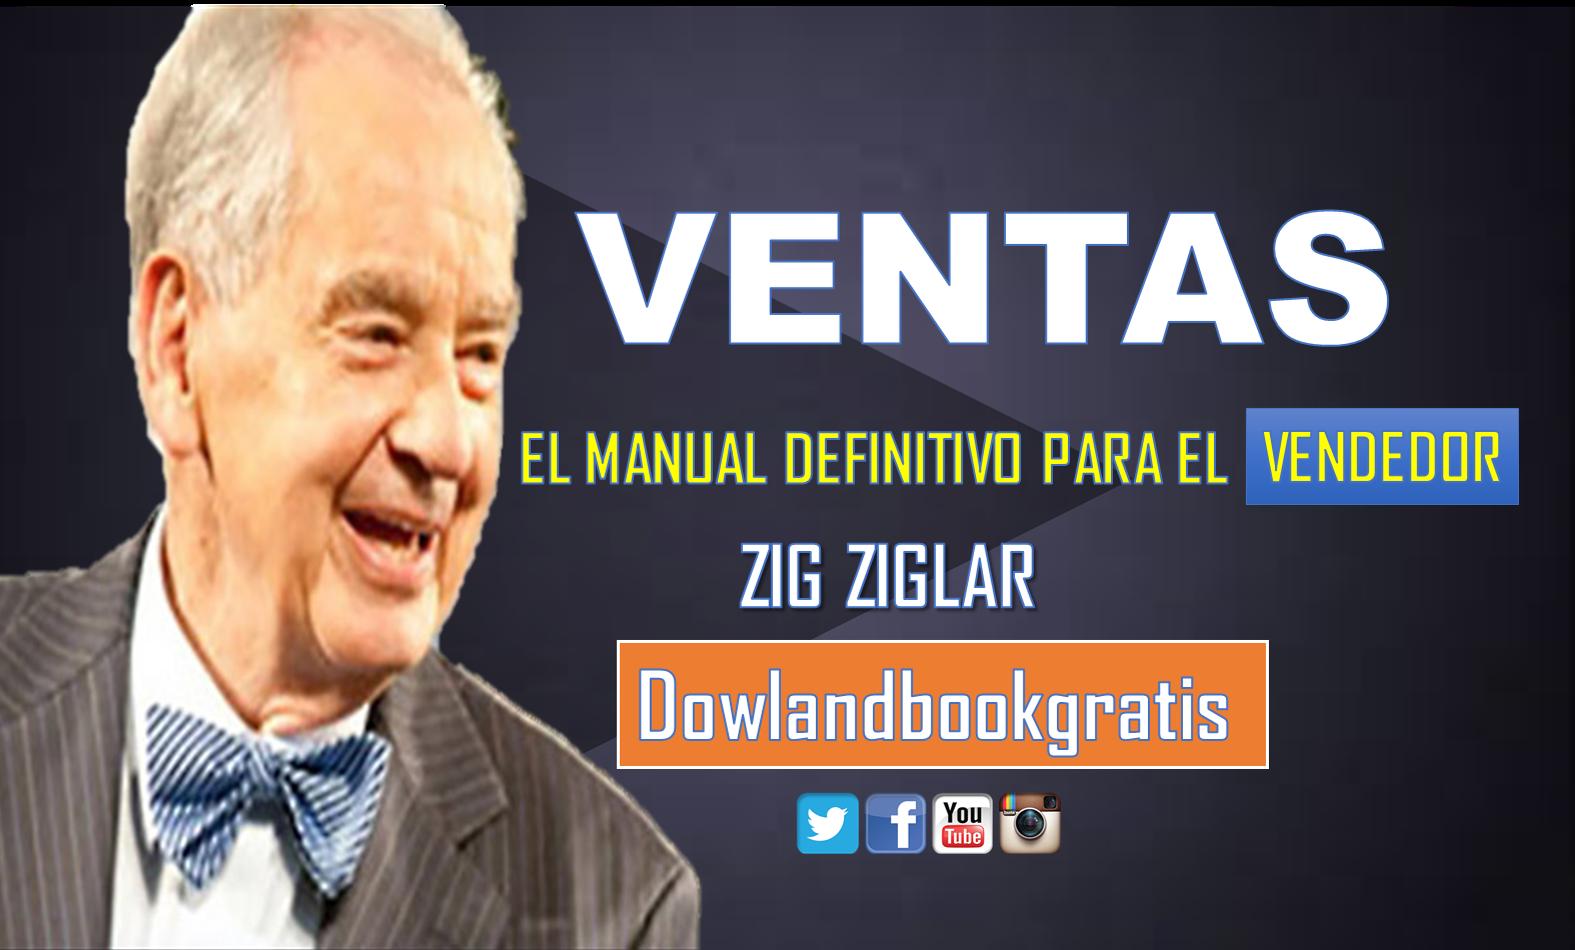 DESCARGAR GRATIS VENTAS DE ZIG ZIGLAR EL MANUAL DEFINITIVO